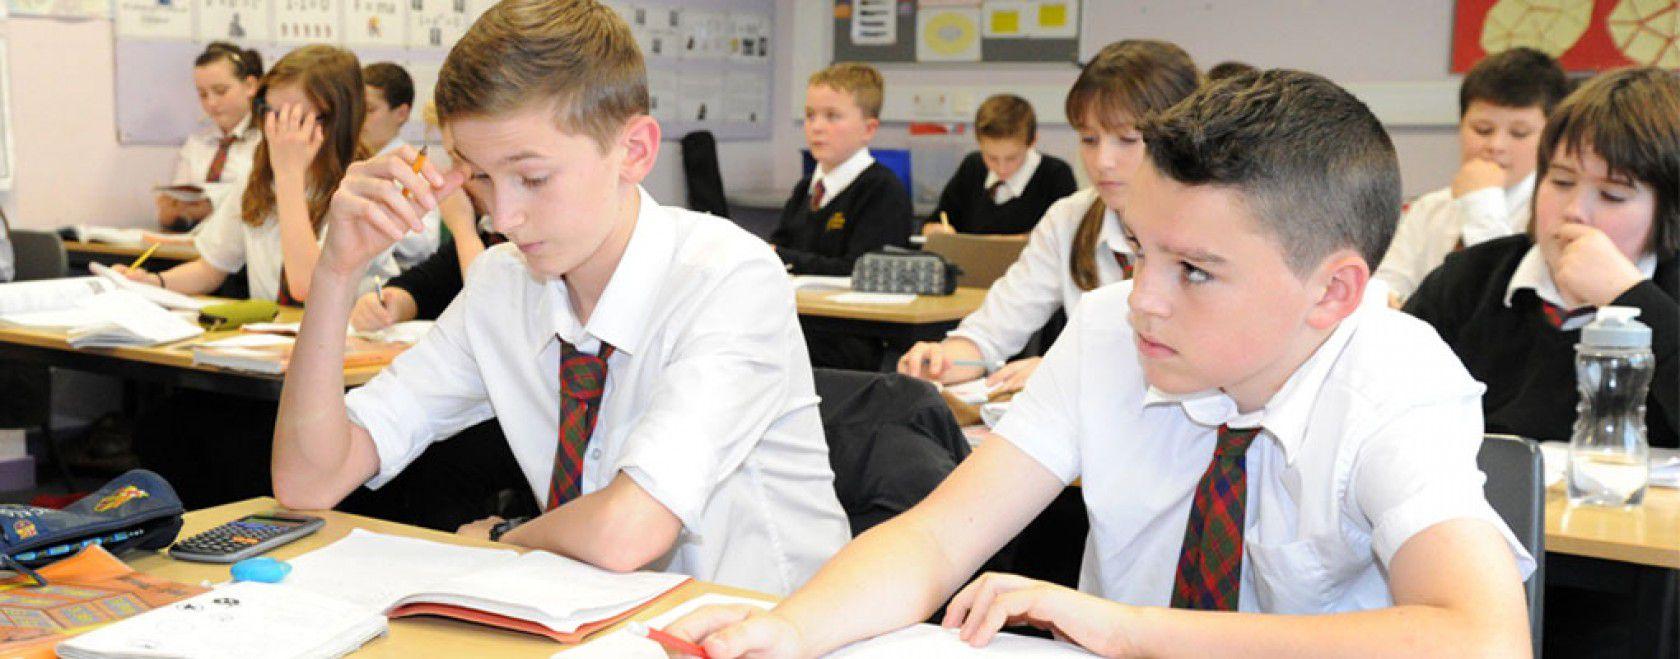 Uzmanların Görüşleri ile Avrupa'da Ortaokul Eğitimi